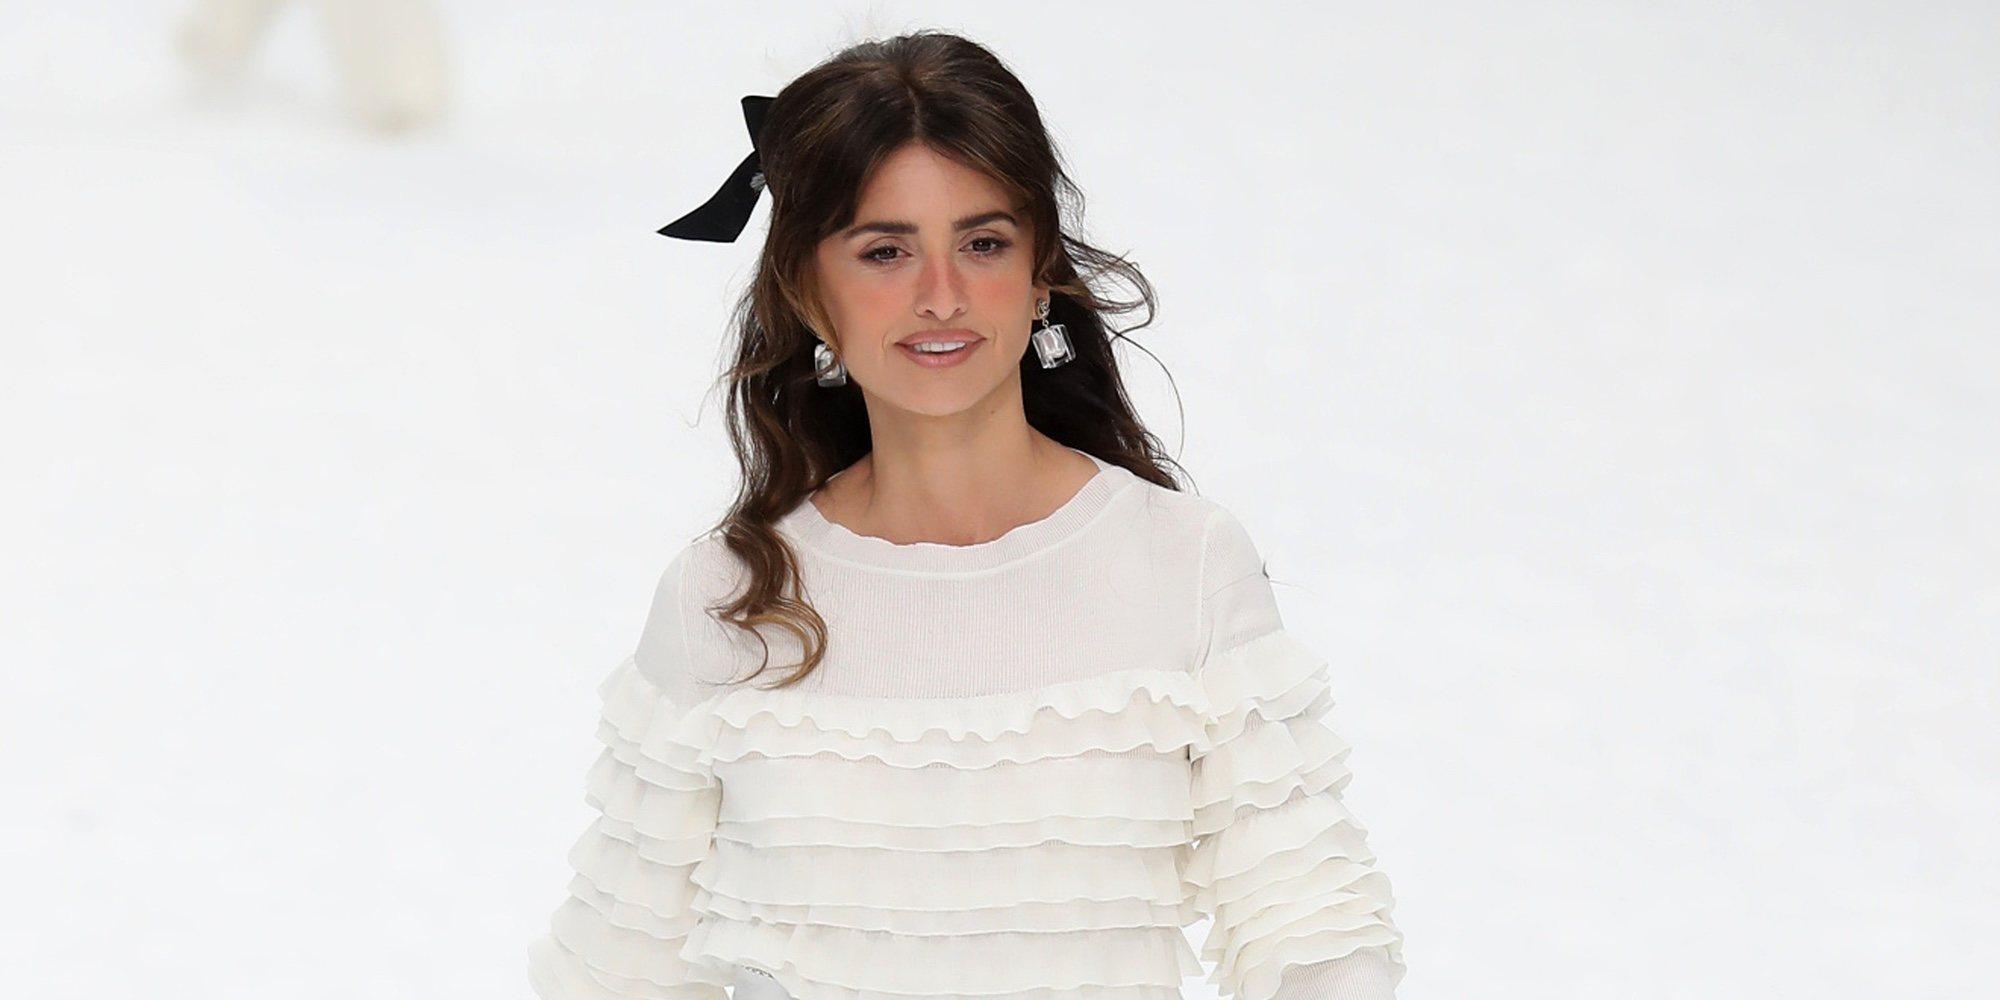 87db93c98 Penélope Cruz se sube a la pasarela de Chanel en París para hacer su  particular homenaje